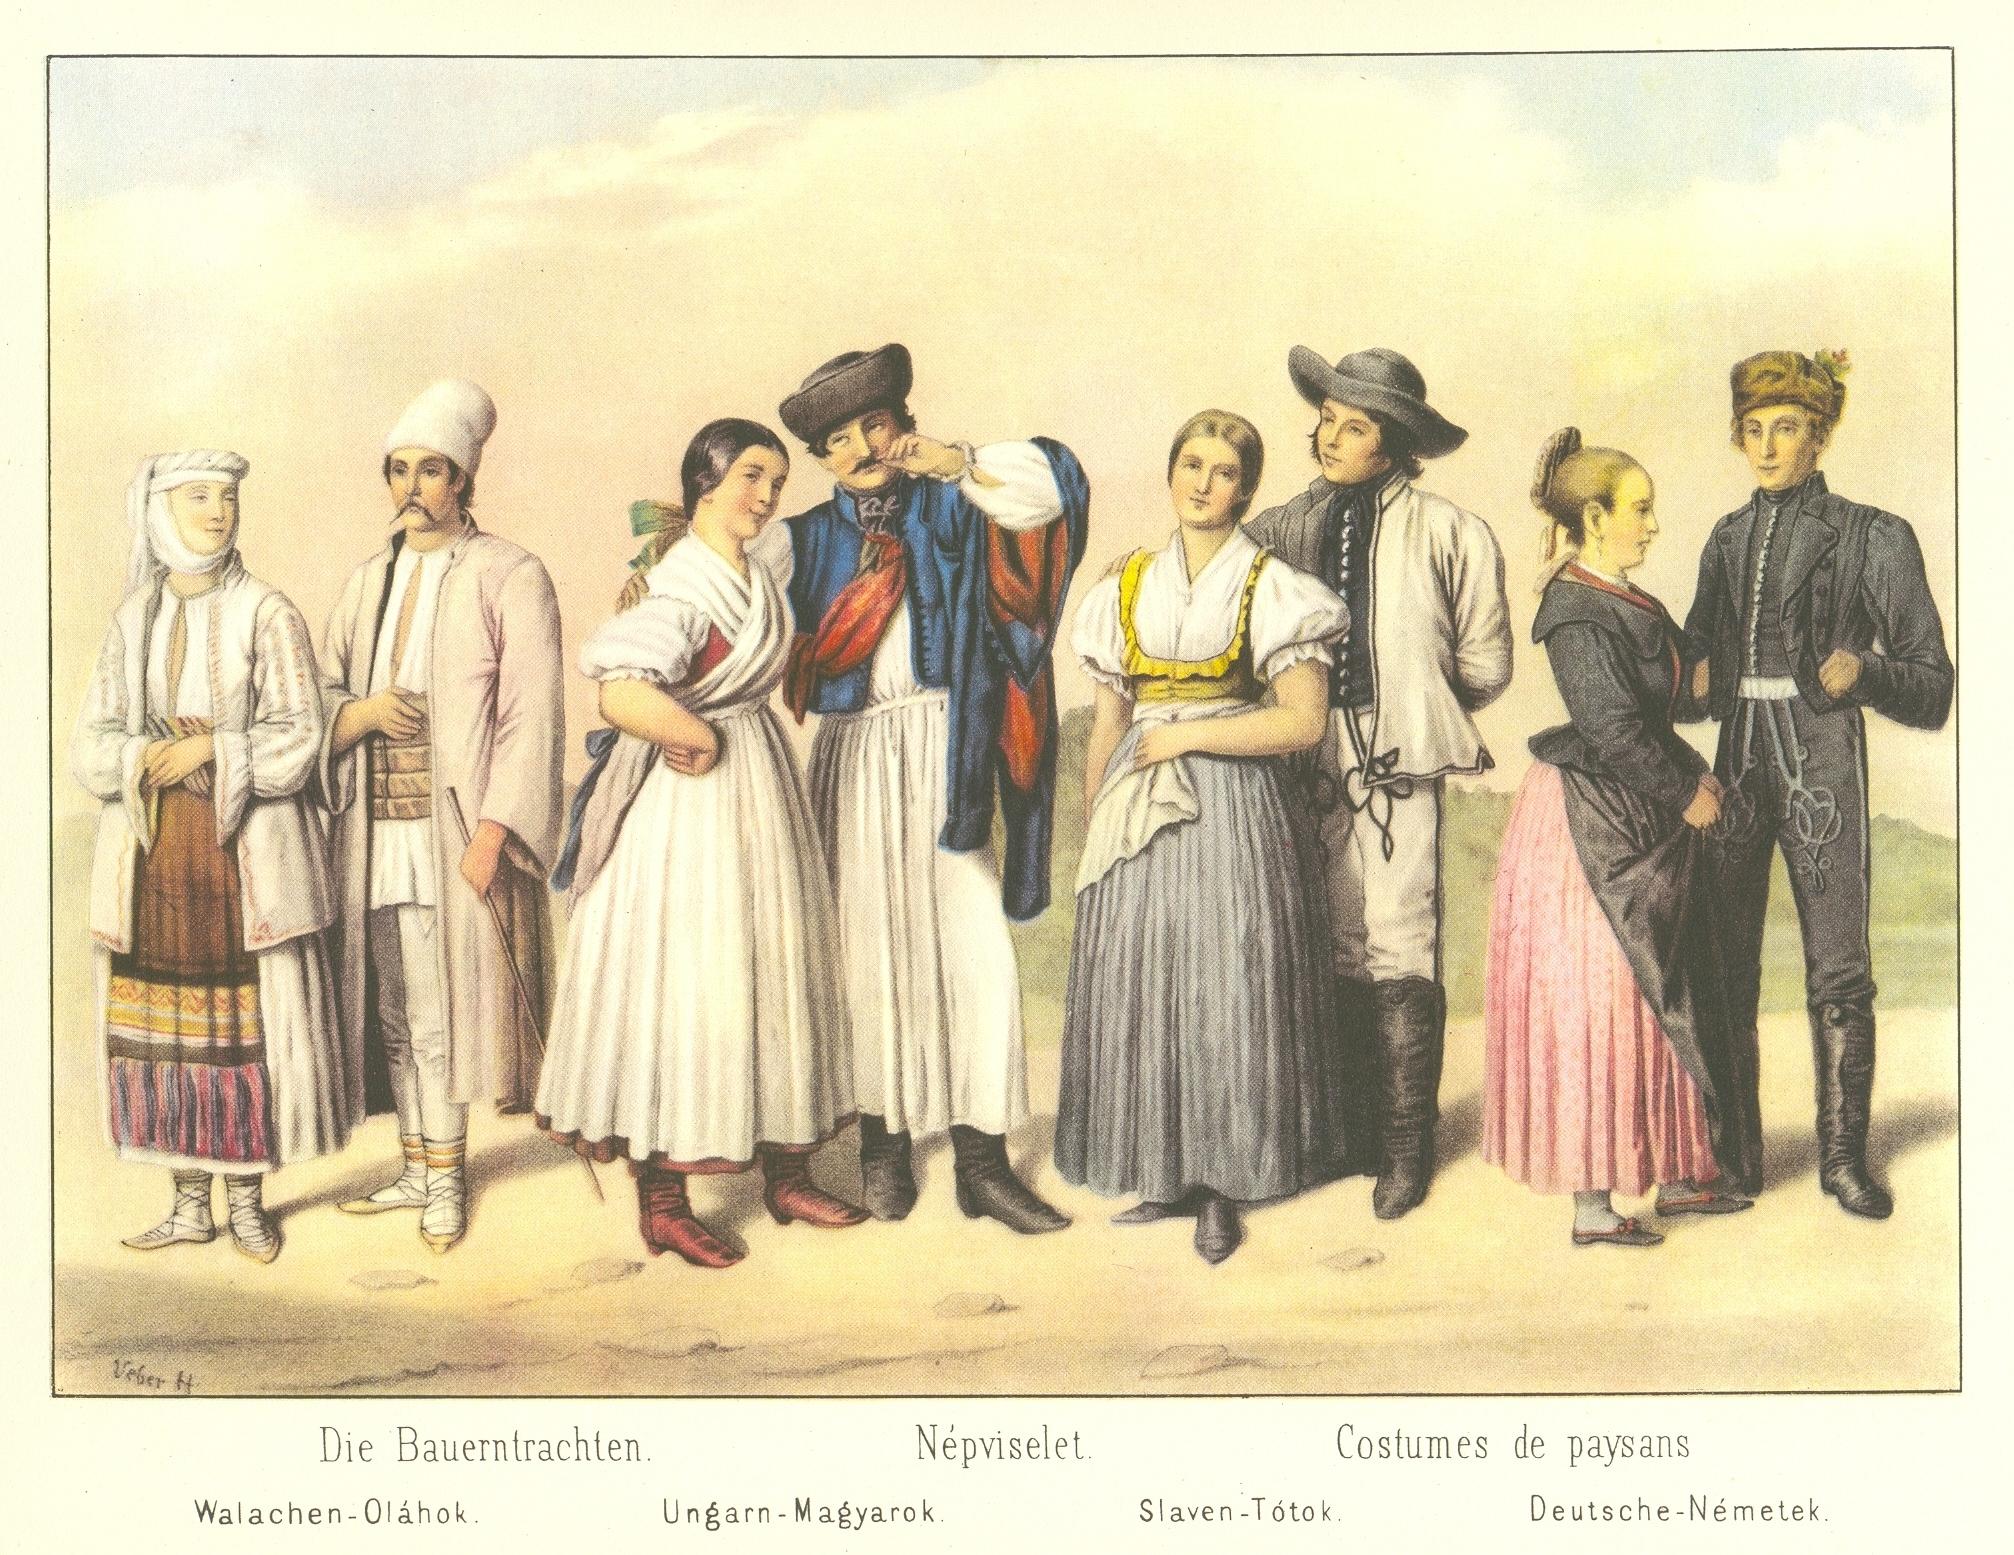 Magyarországi nemzetiségek viselete Weber Henrik litográfiáján, 1855